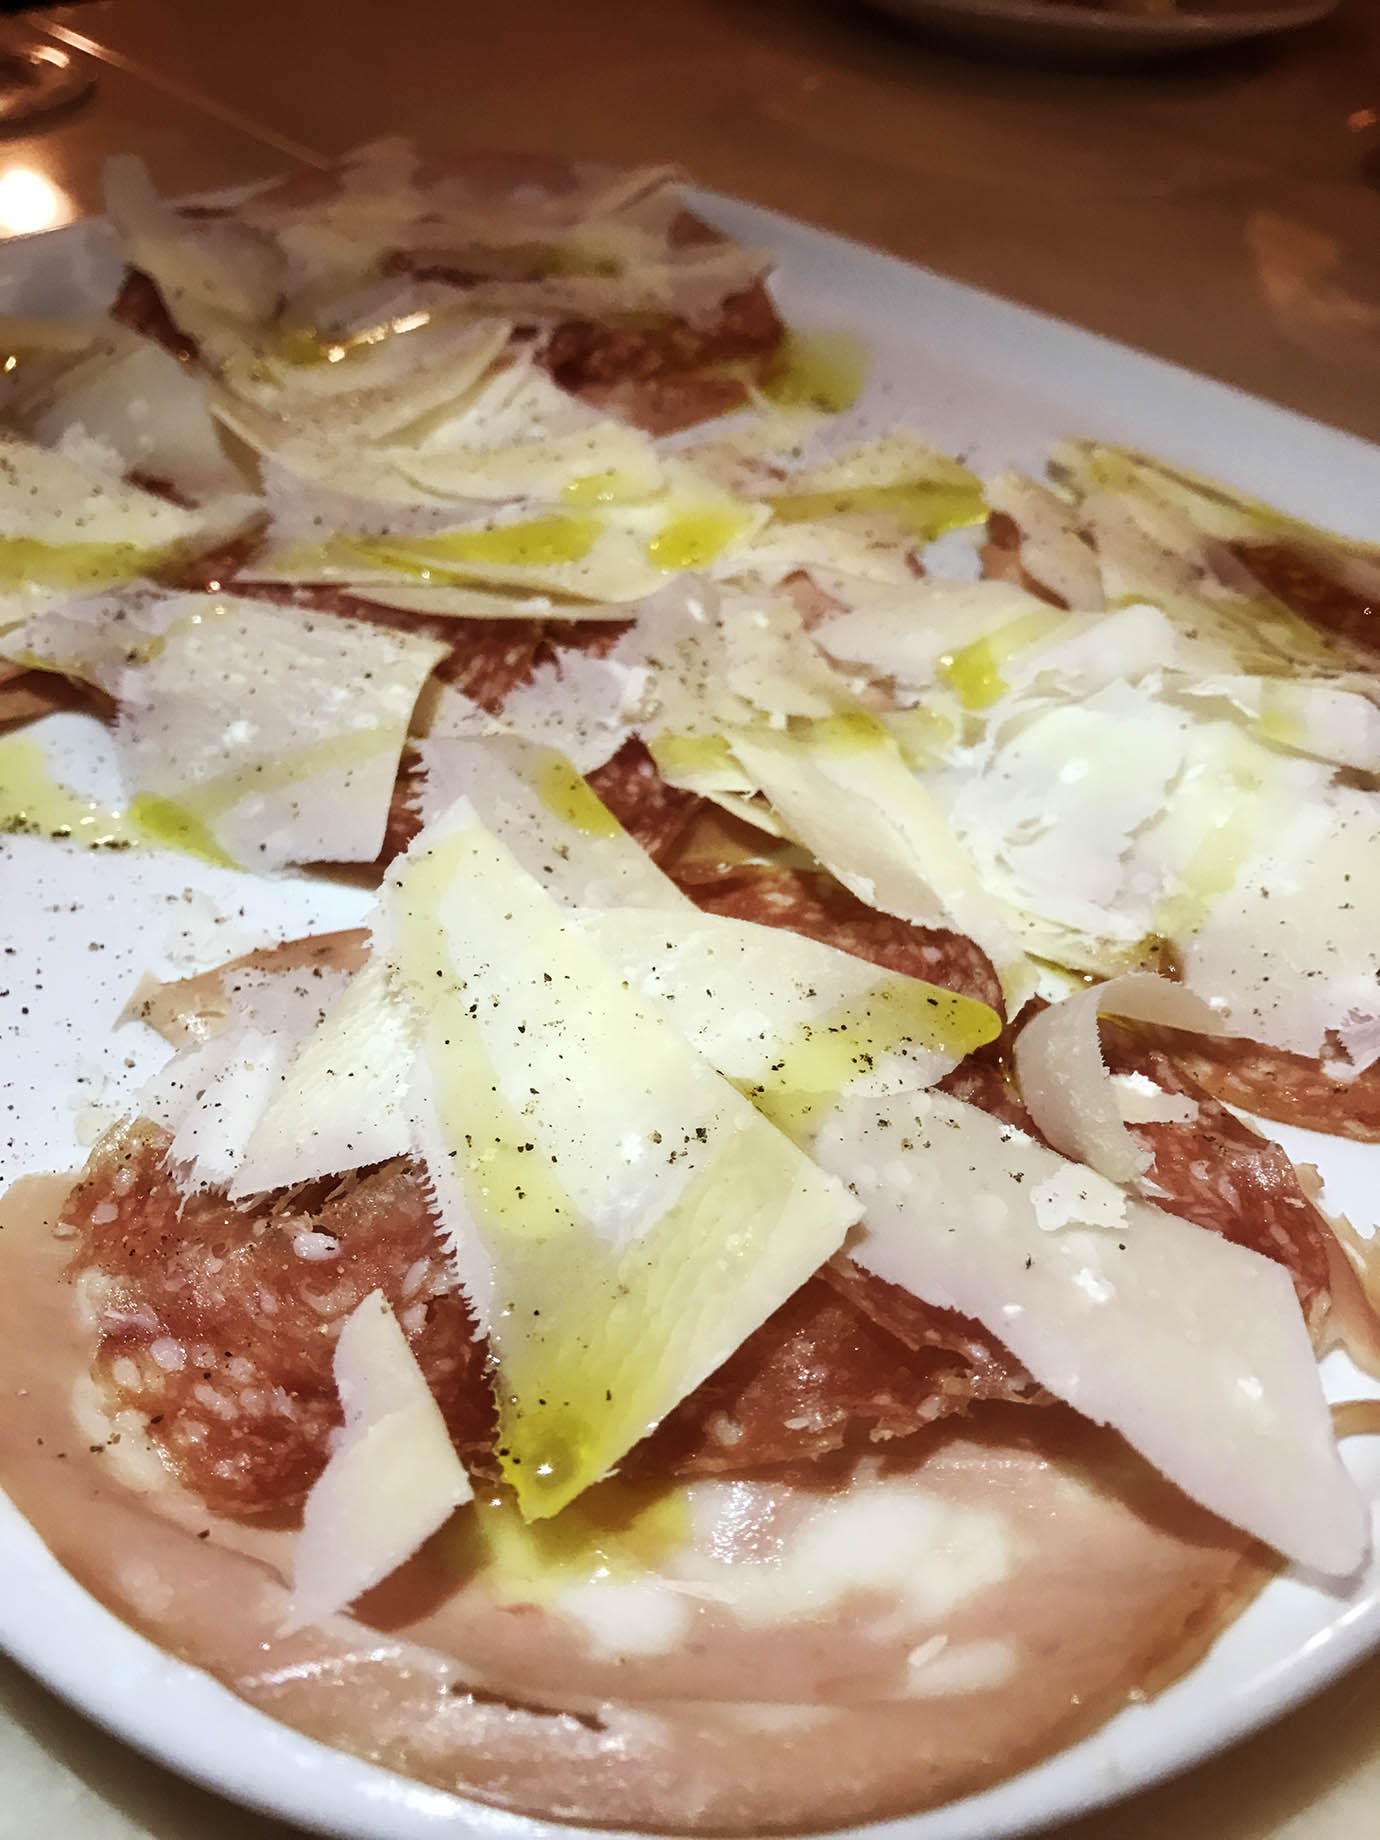 pizzeria-romana-ilpentito-pizza4